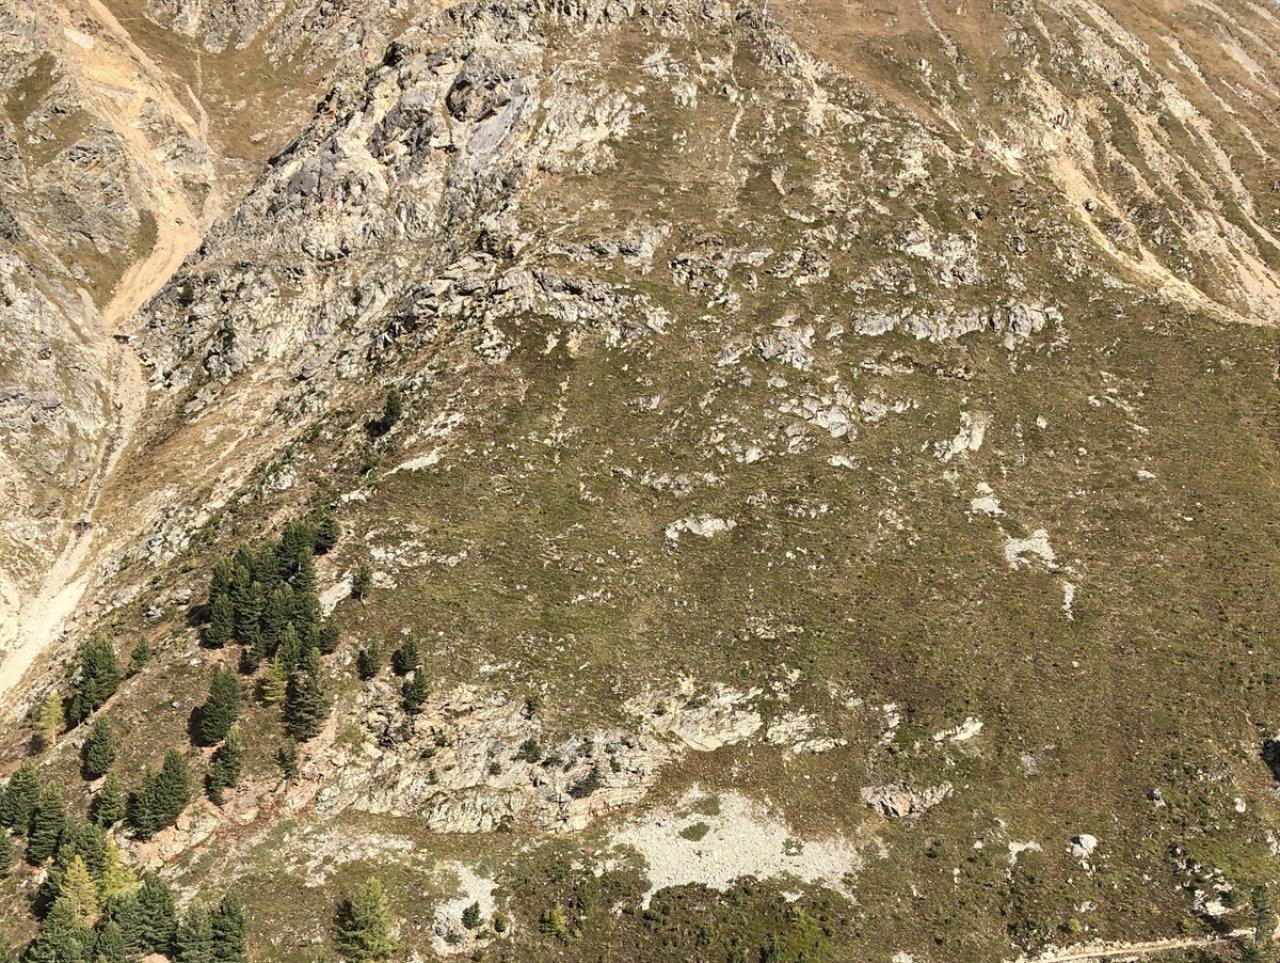 vola-per-200-metri,-muore-un'escursionista